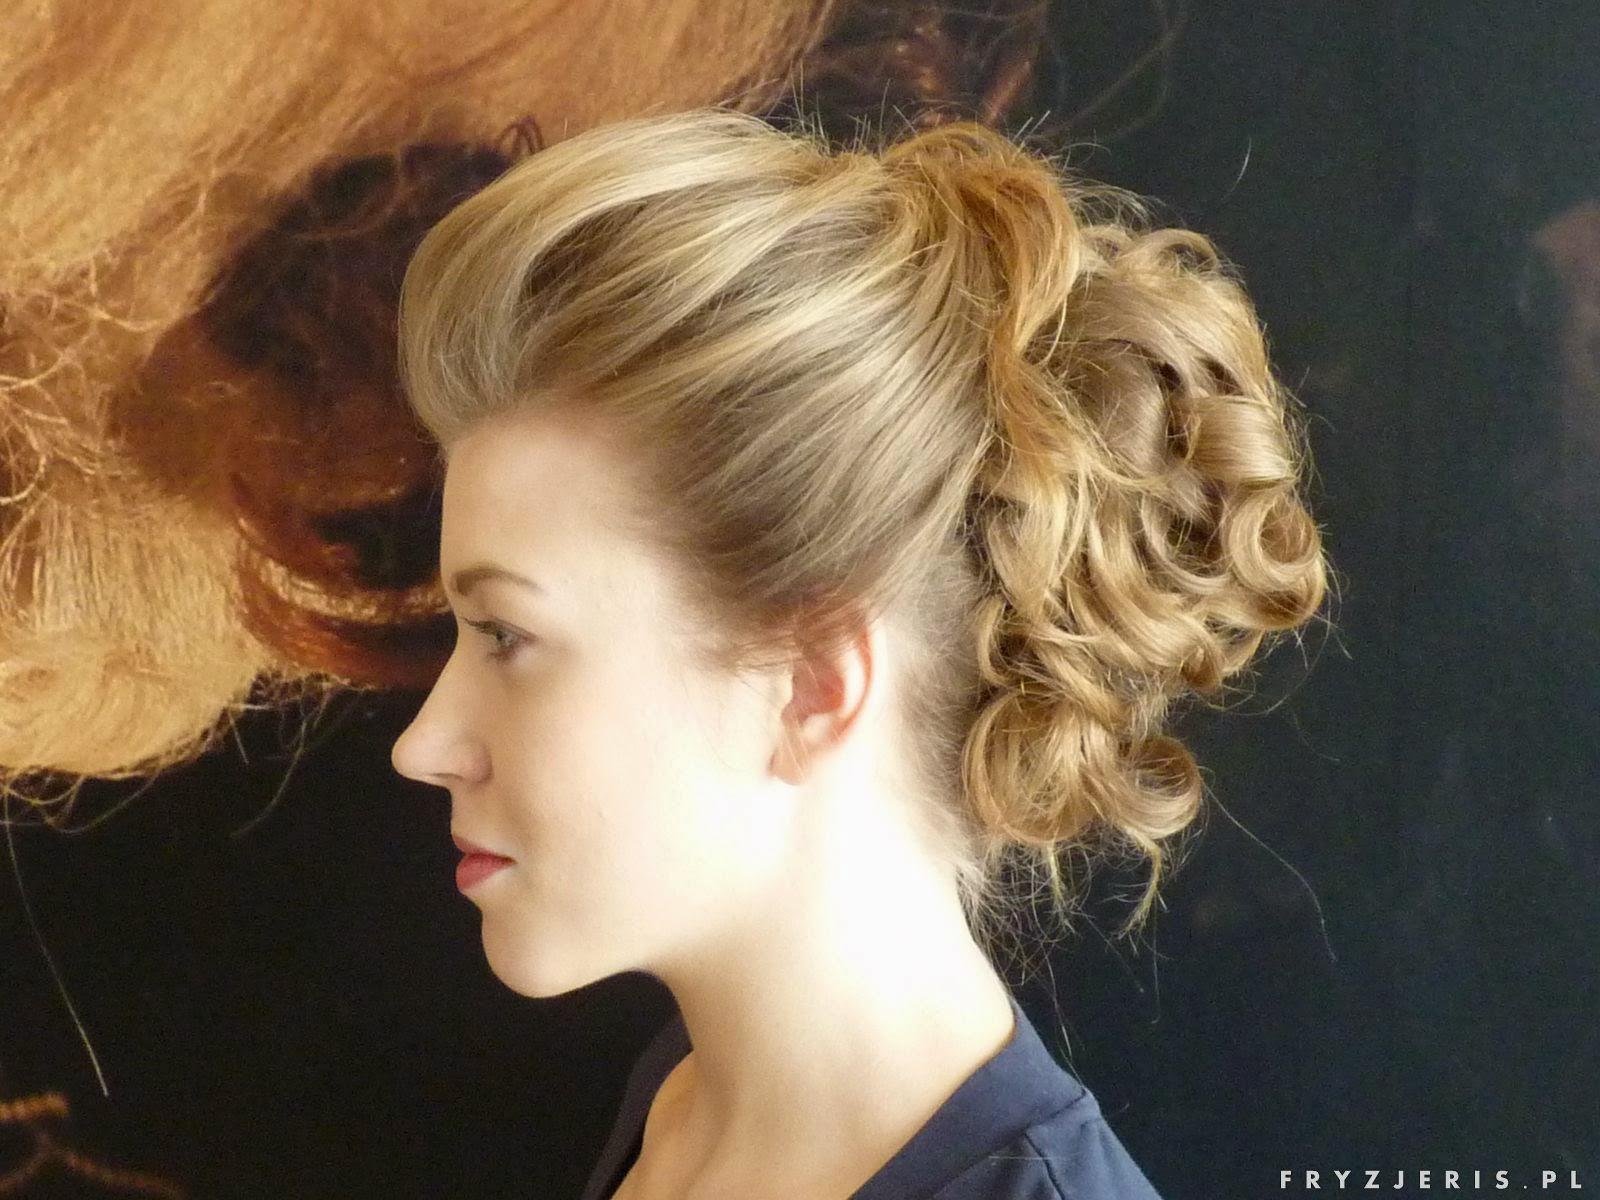 warsztaty stylizacji włosów fryzjeris